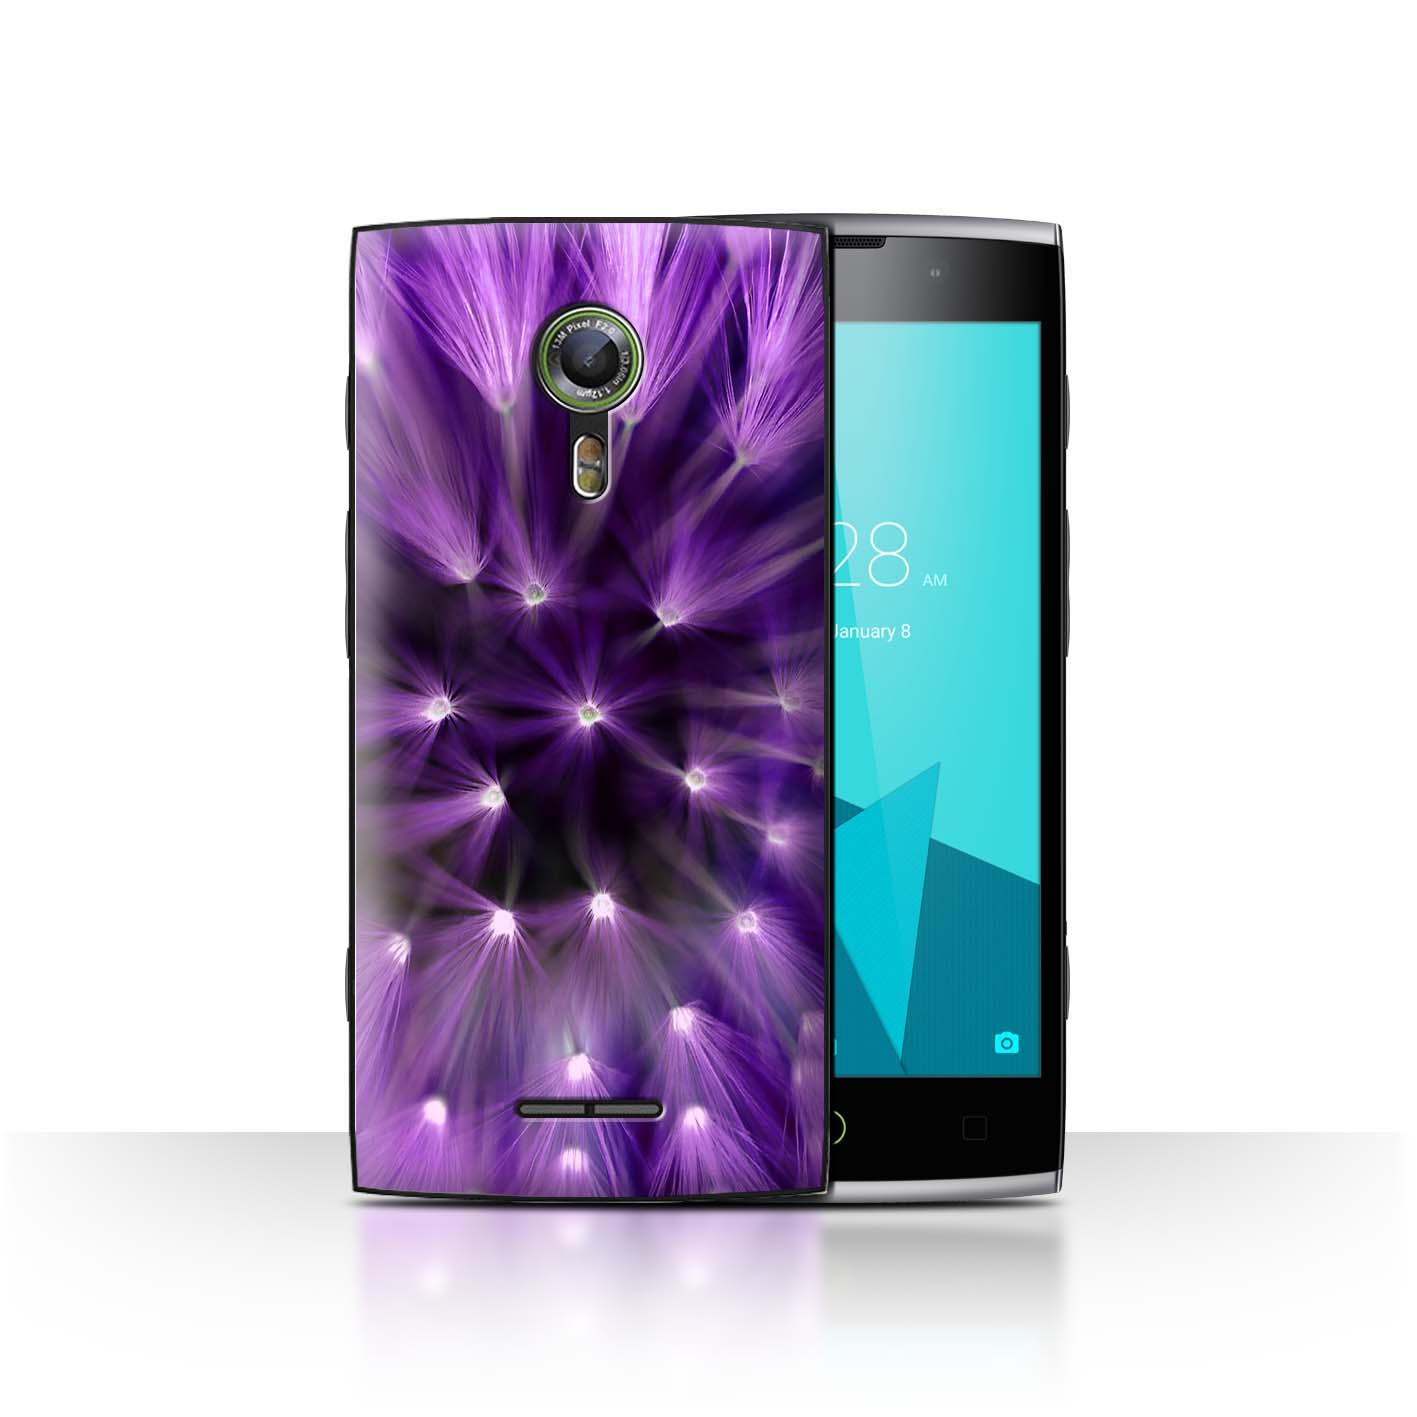 STUFF4-Back-Case-Cover-Skin-for-Alcatel-Flash-2-Floral-Flower-Lights